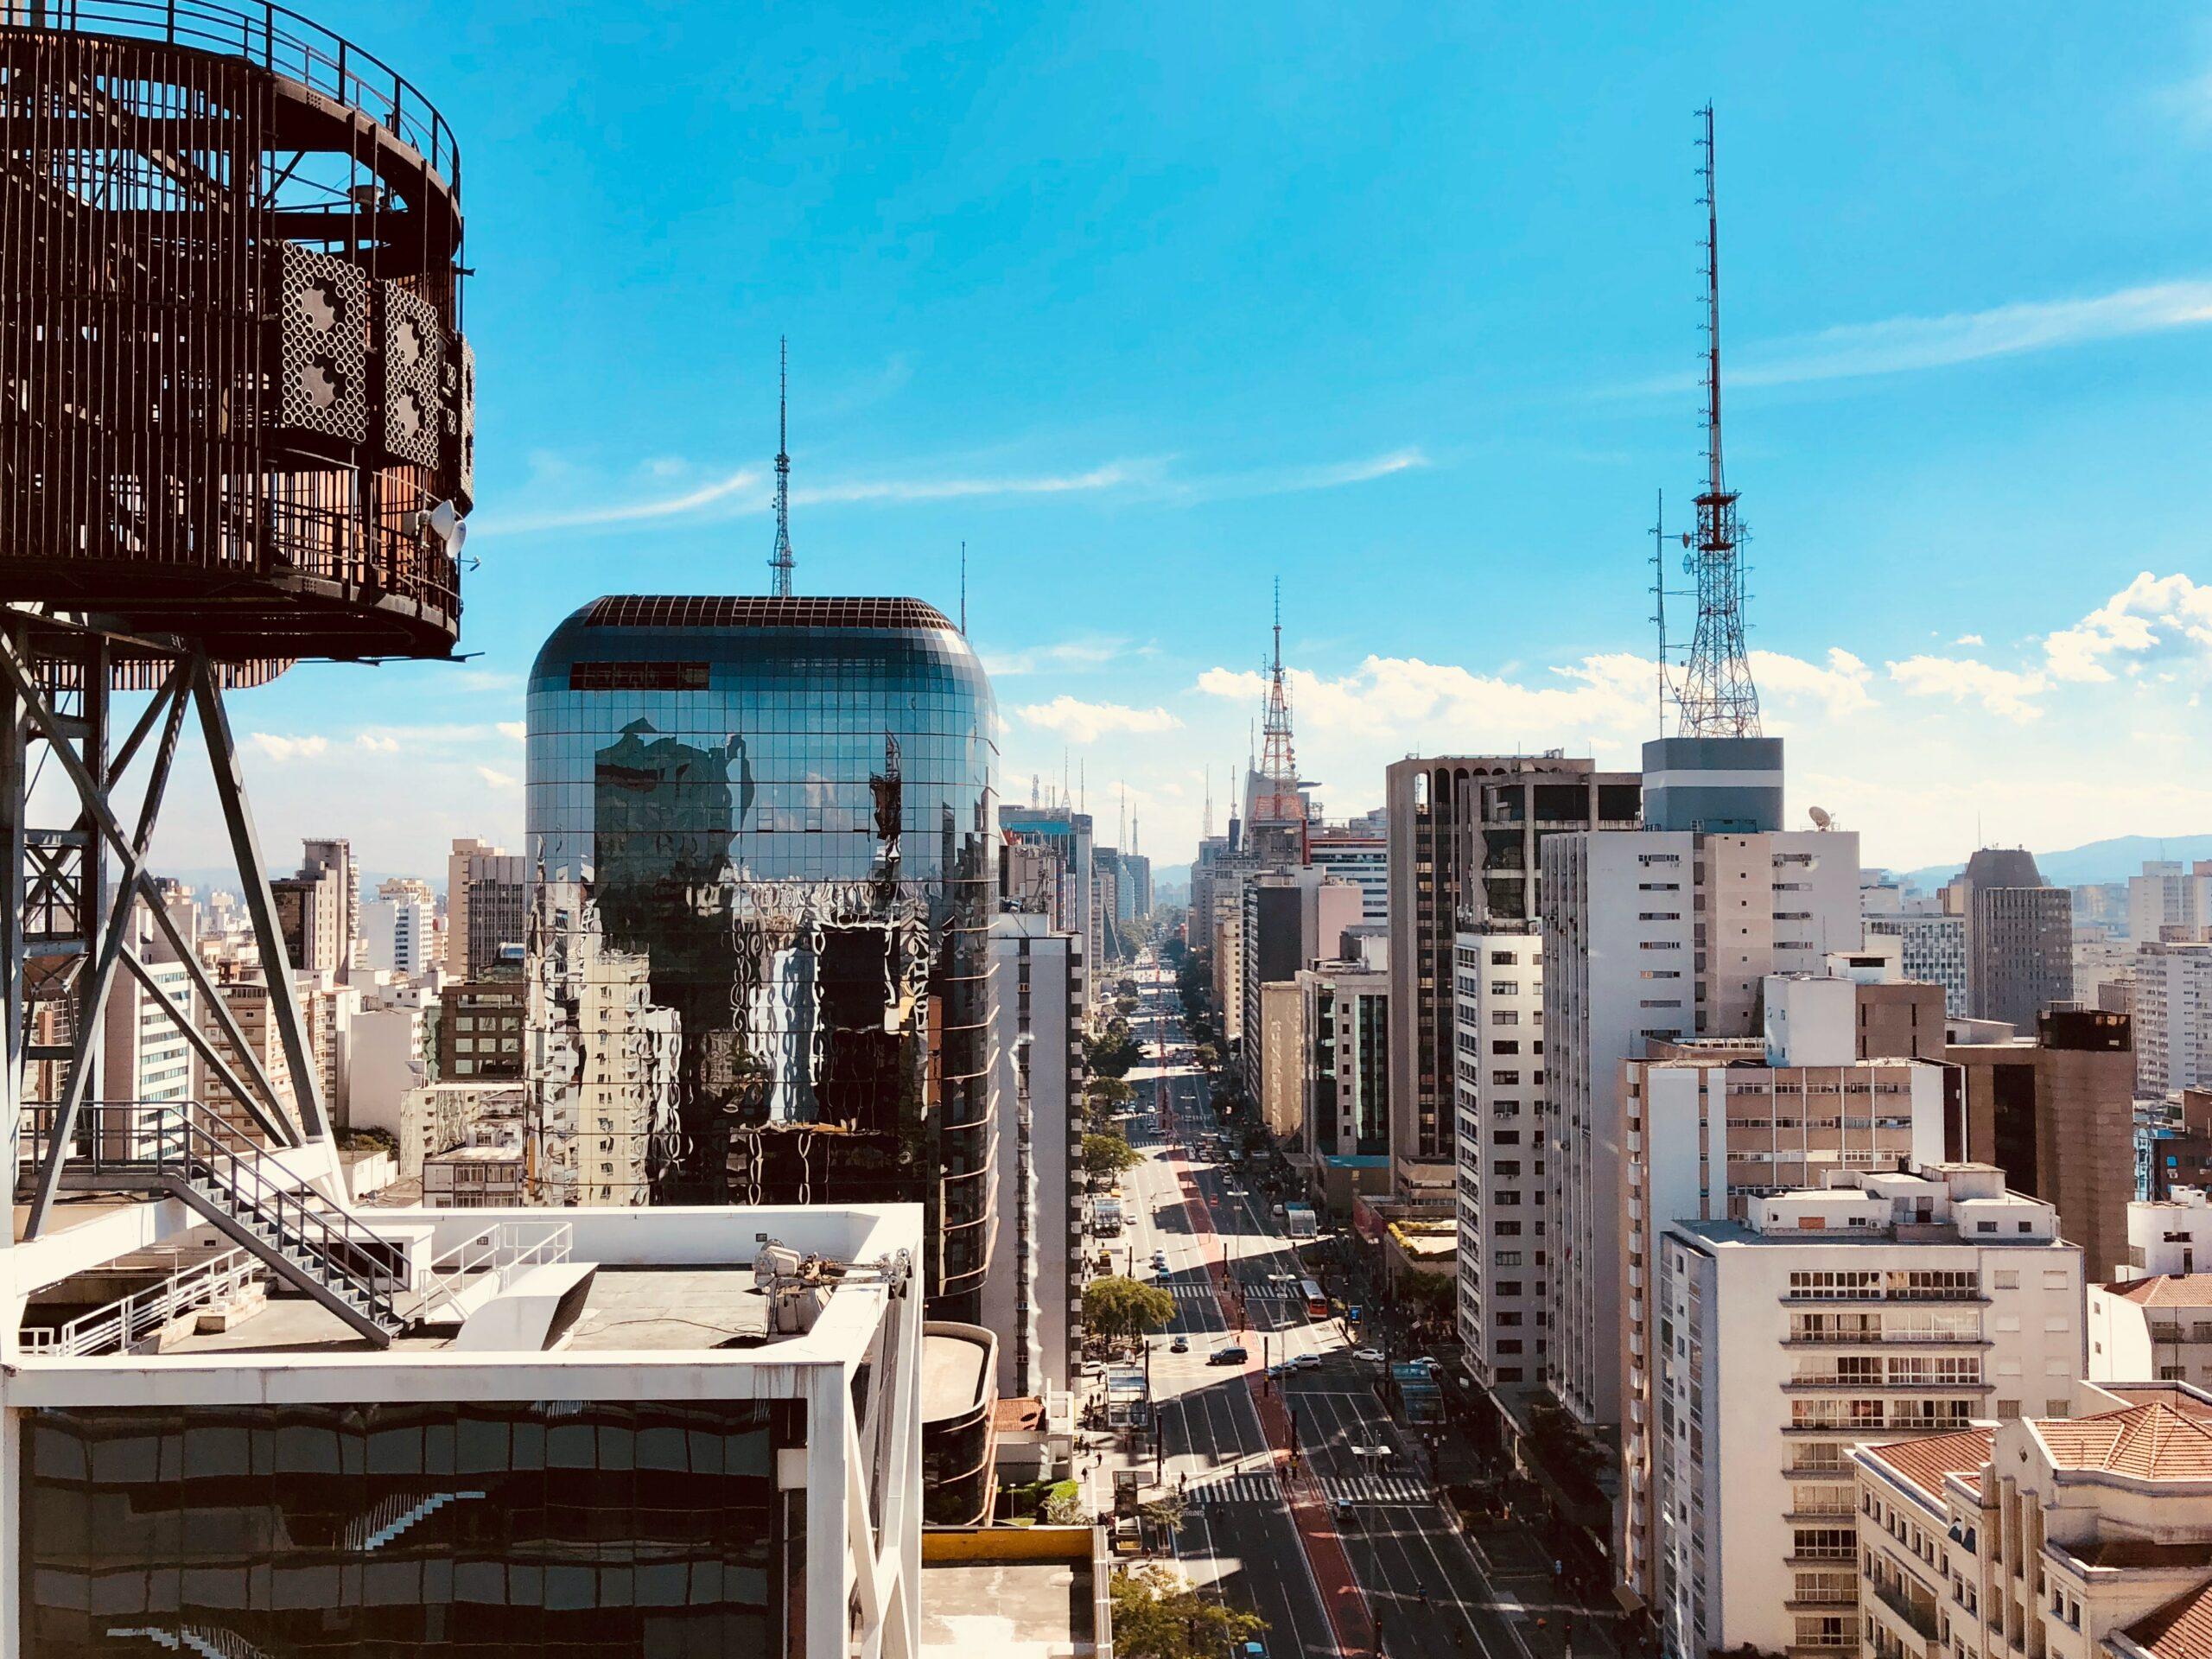 Brazil: Next-level banditry